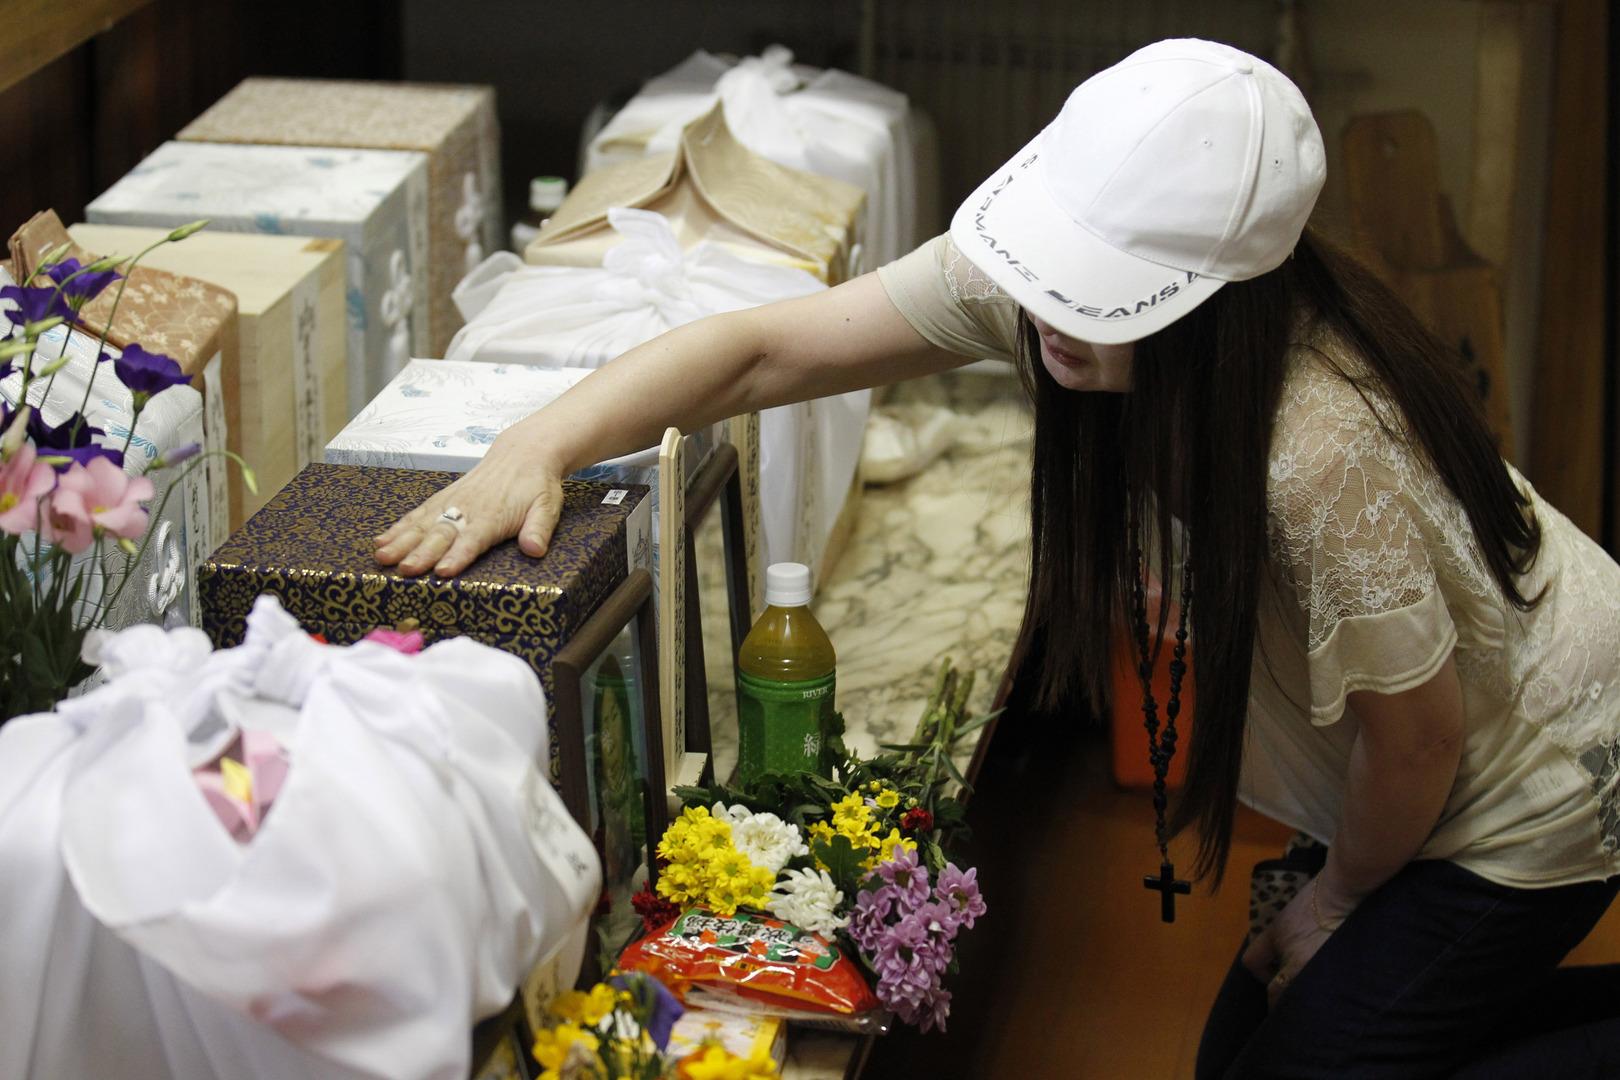 صورة تعبيرية لسيدة تلمس الصناديق التي تحتوي على رماد والدتها